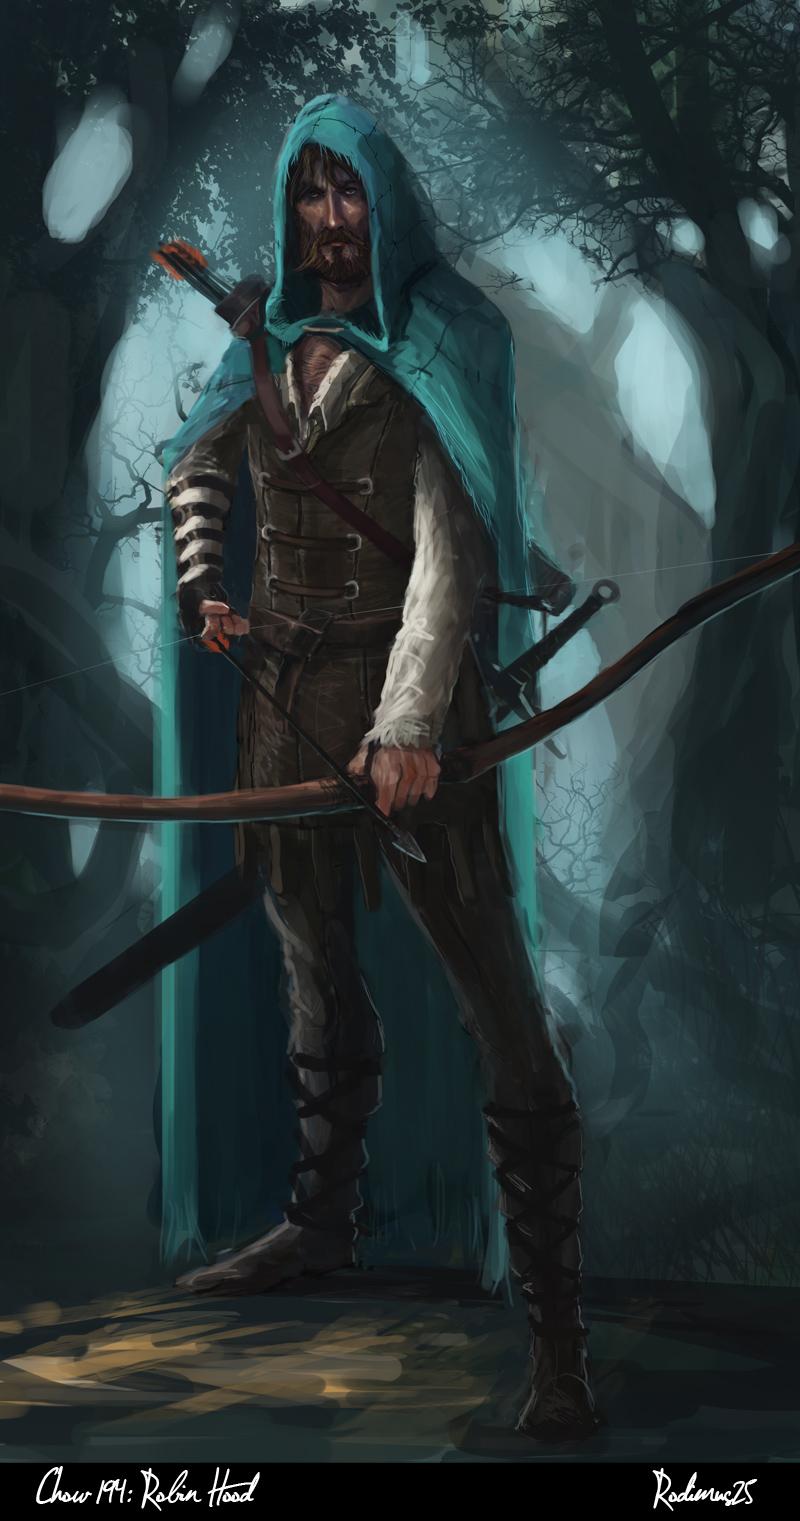 [Concours non-officiel] A la recherche du Saemon perdu Chow_194_Robin_Hood_by_rodimus25